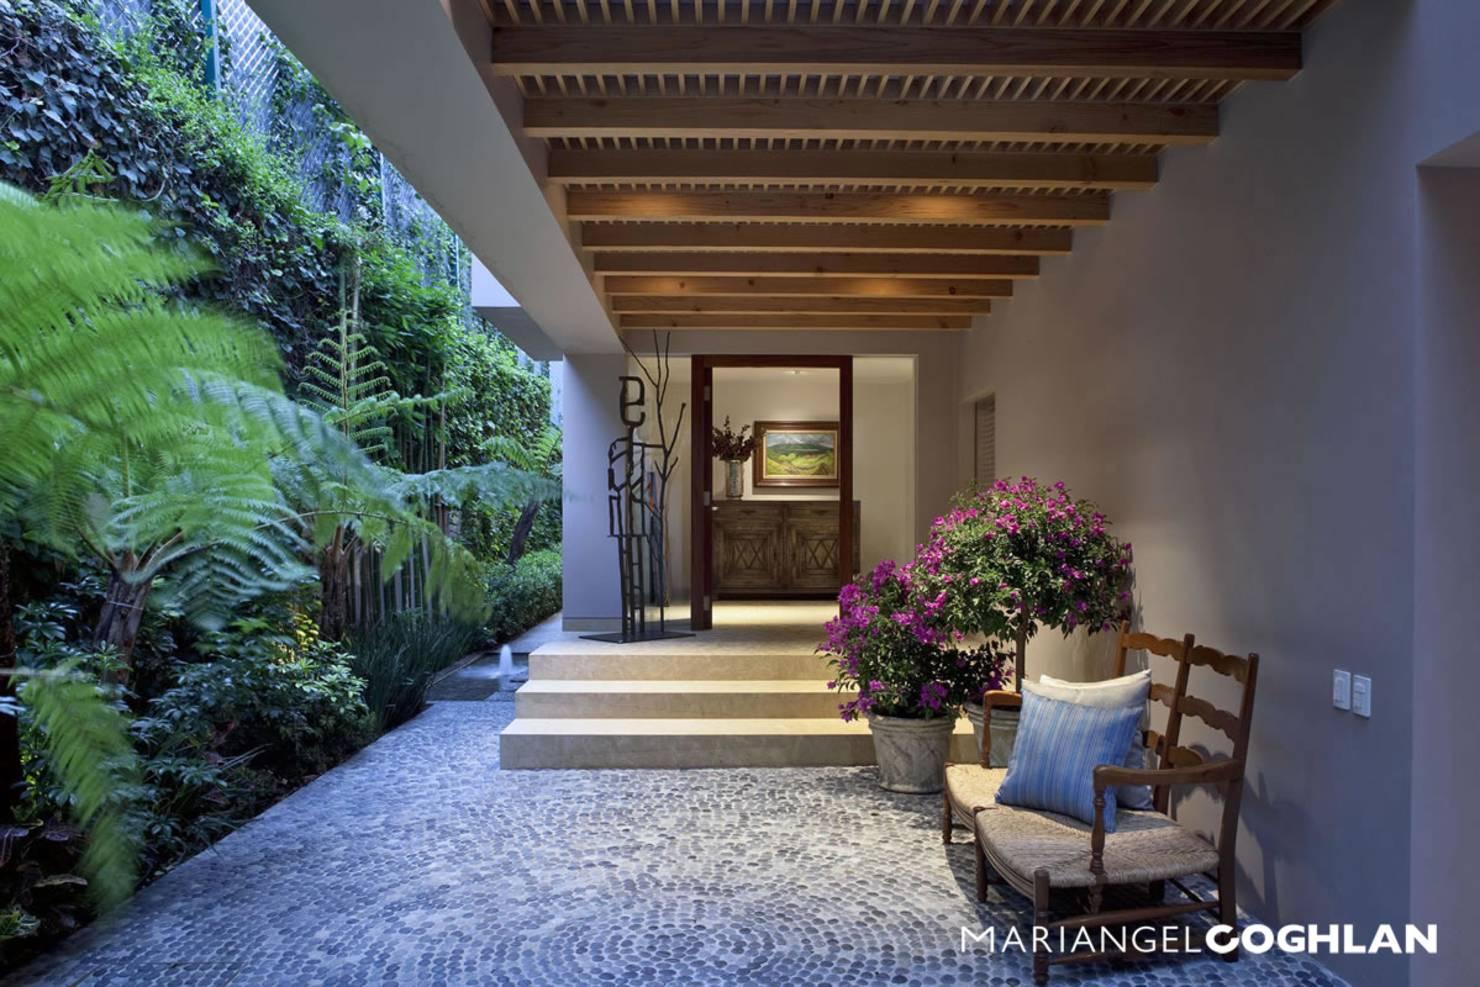 chic-iyi-bir-duvar-boyasi-evinizi-guzellestirmek-icin-basit-ipuclari-15 Evinizi güzelleştirmek için basit ipuçları